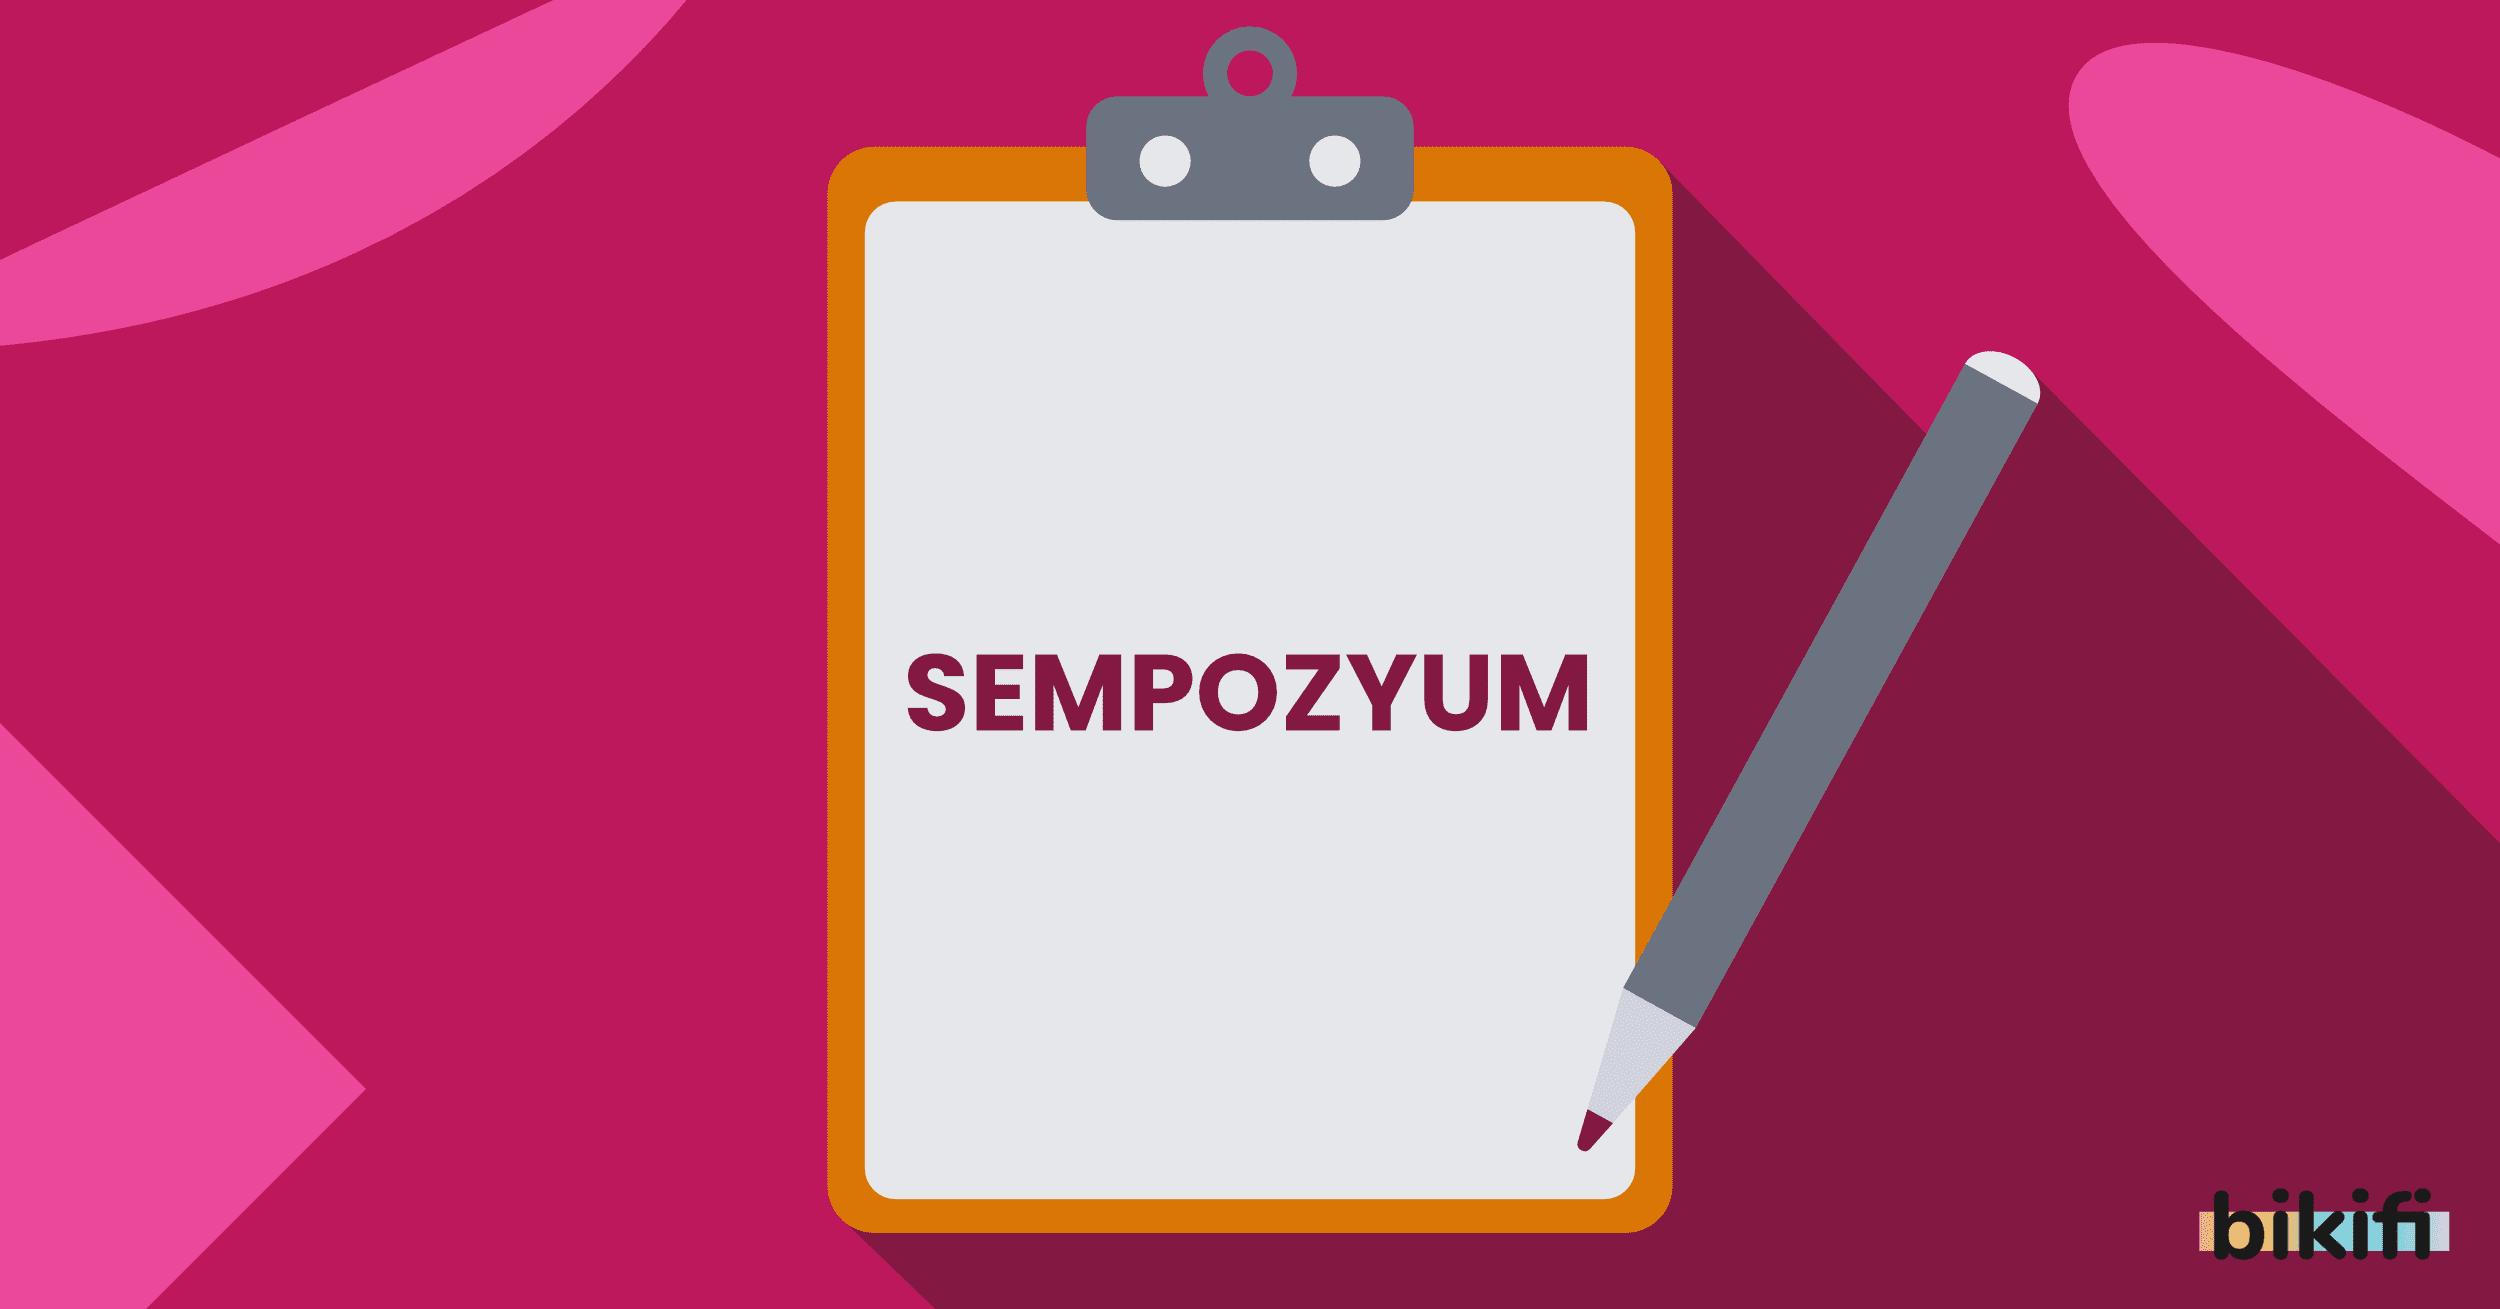 Sempozyum ve Özellikleri, Sempozyum Nedir?